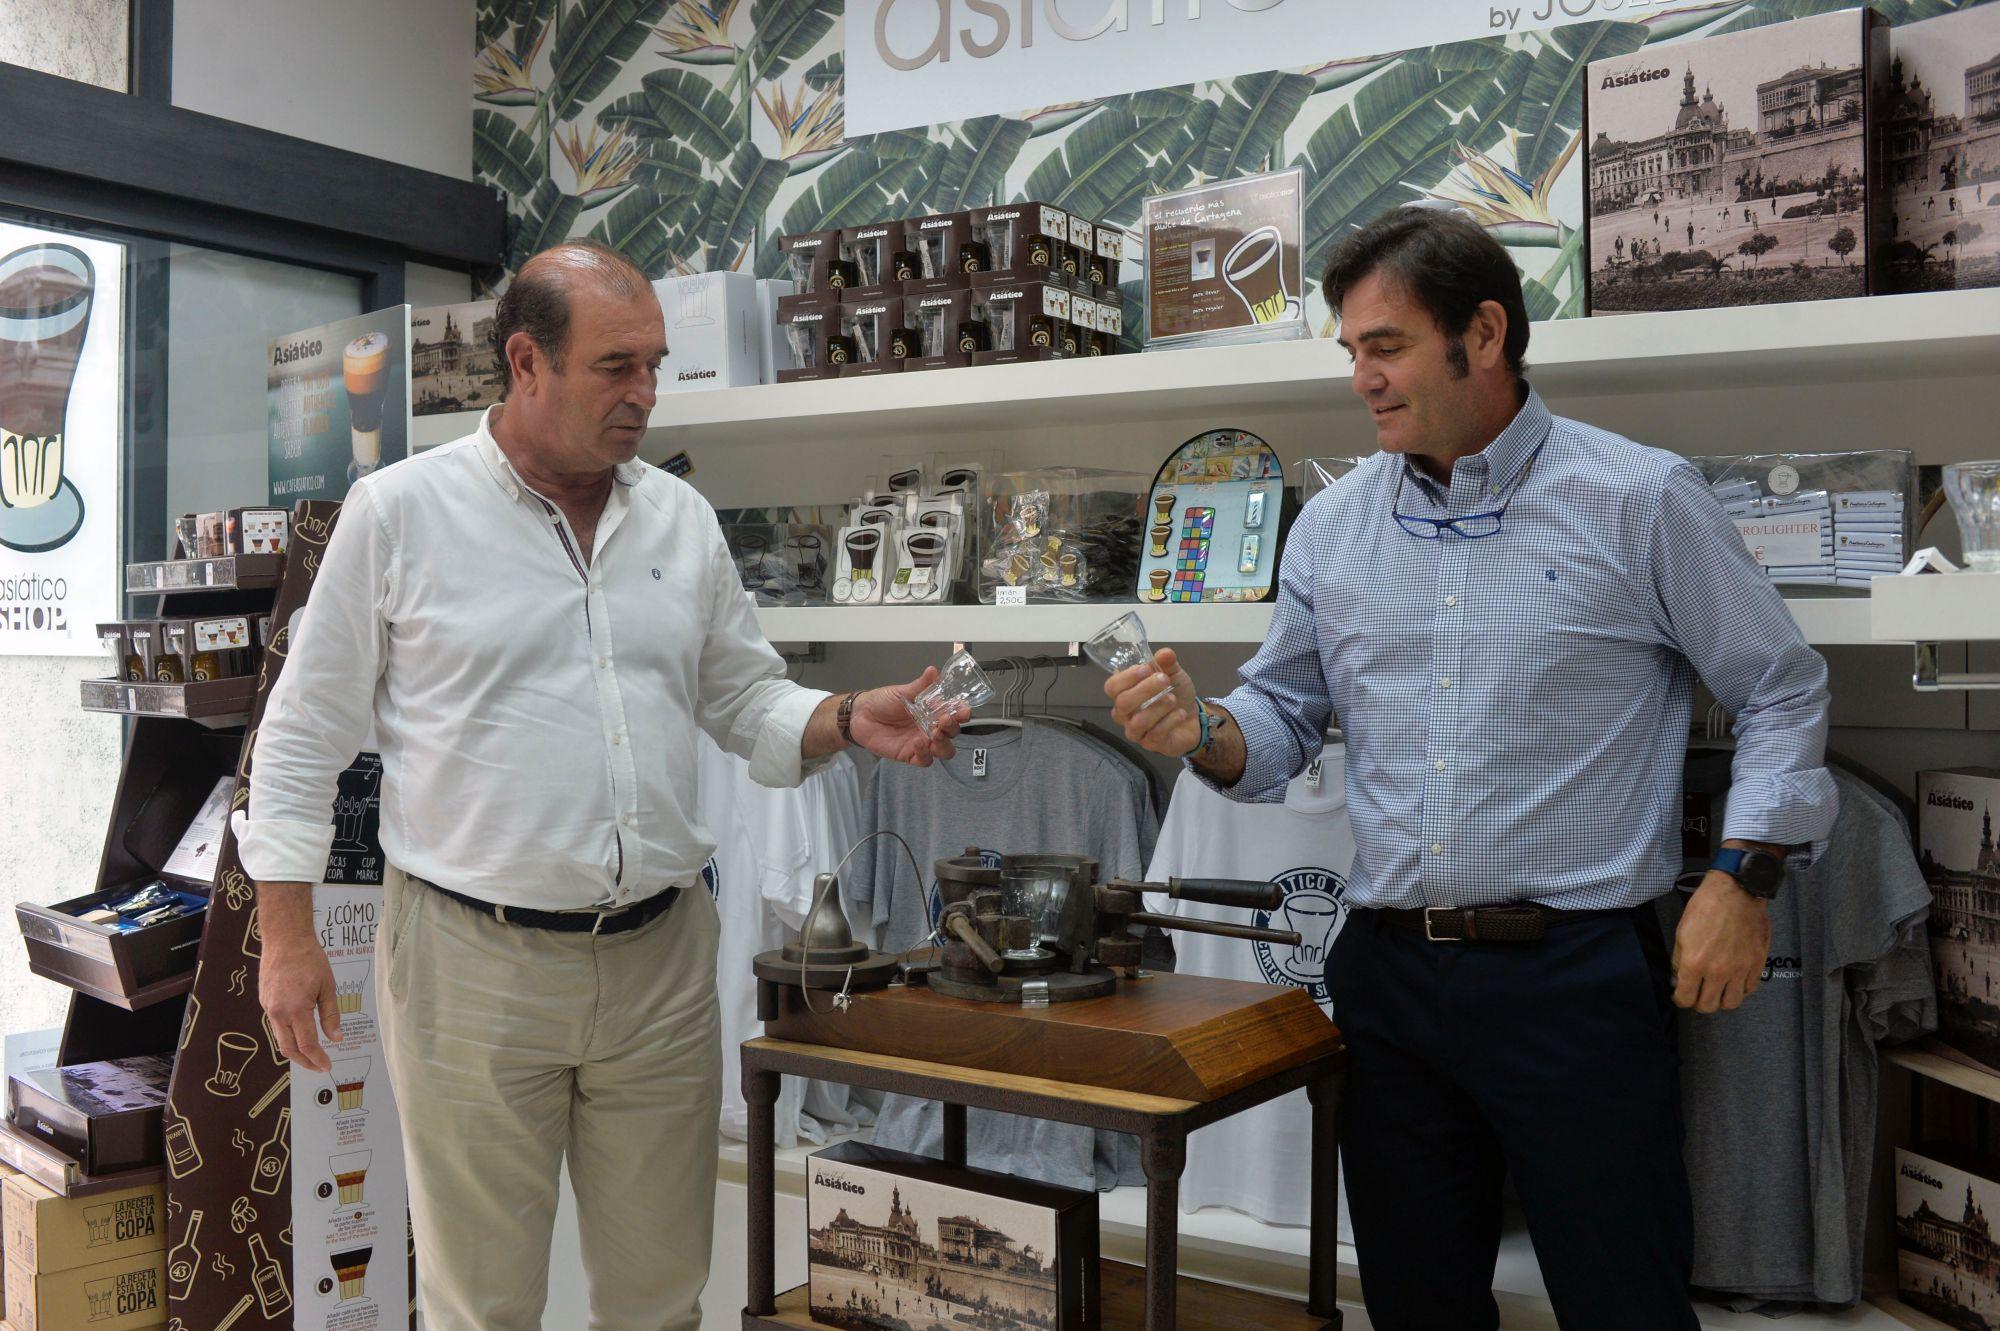 Café asiático de Cartagena (Murcia): José y Carlos Díaz Beltrán